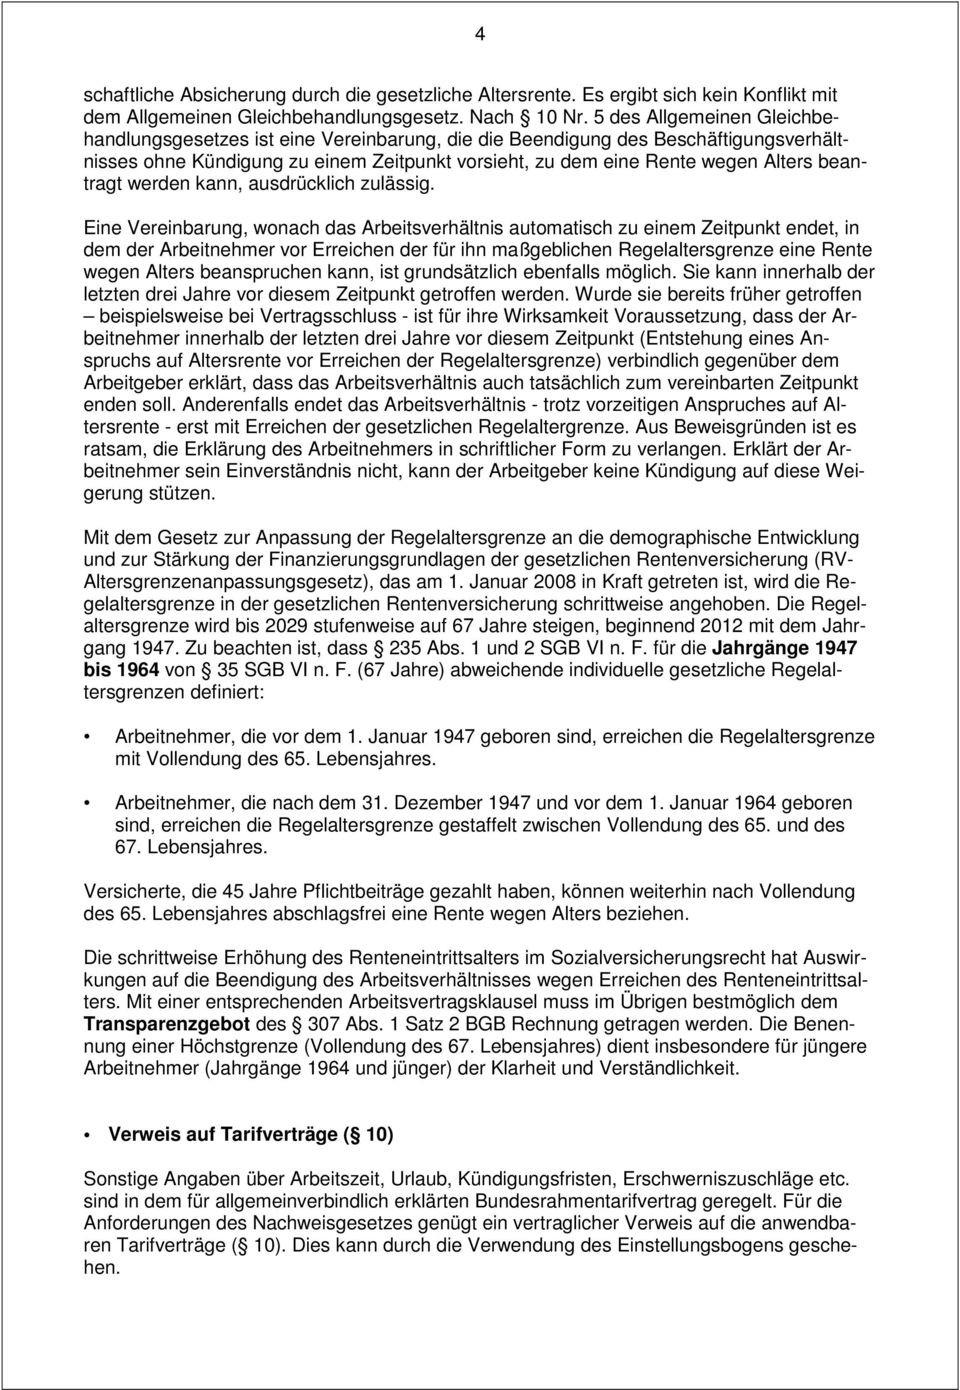 Arbeitsvertrag Für Gewerbliche Arbeitnehmer Im Handwerk  Arbeitsvertrag für gewerbliche Arbeitnehmer PDF